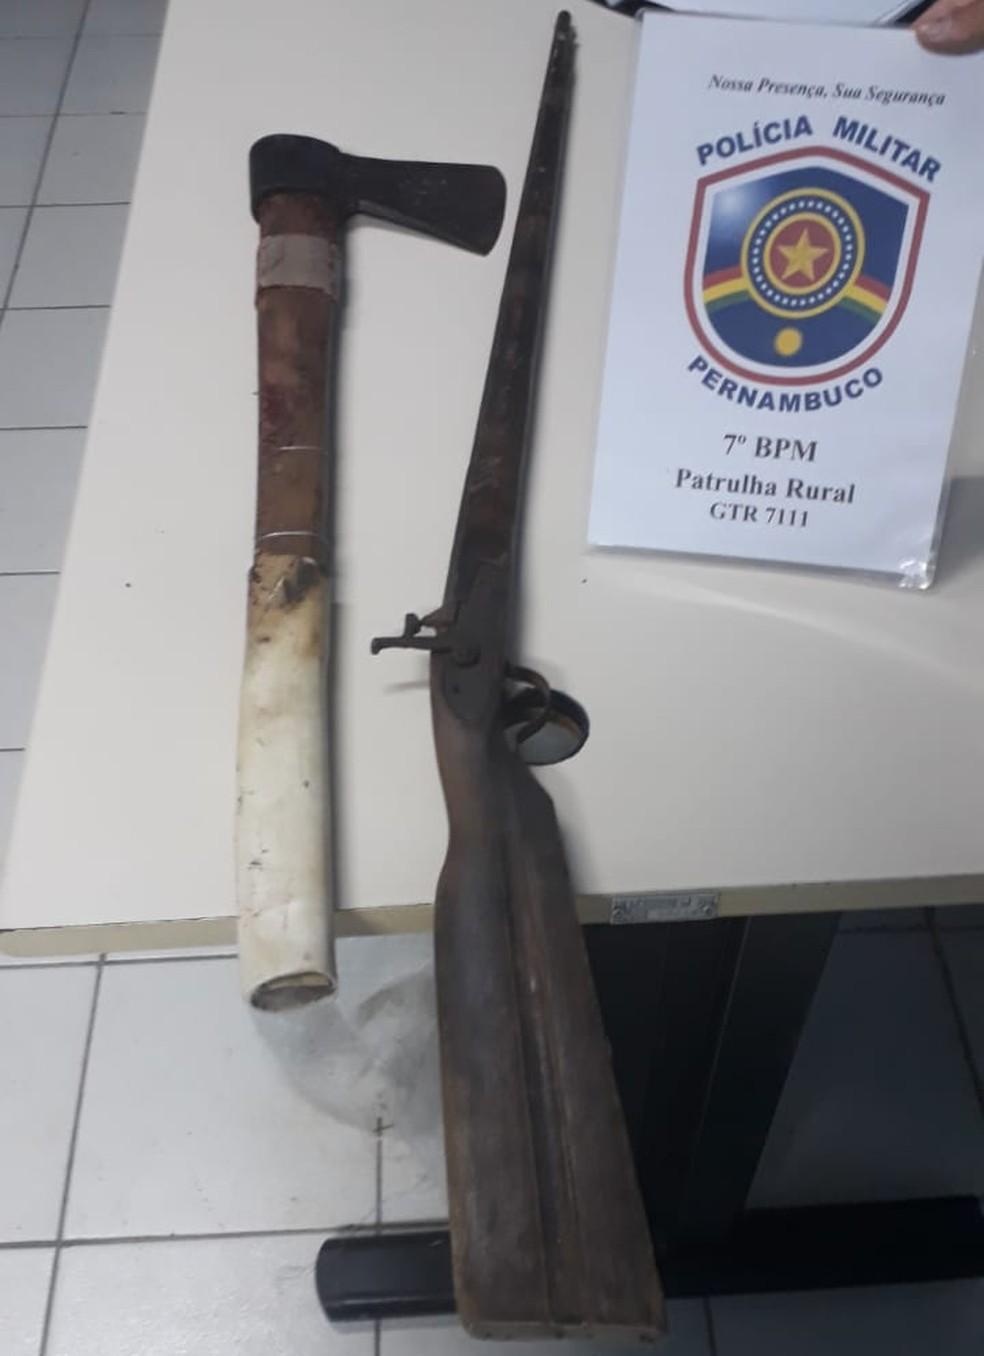 Os policiais encontraram o machado utilizado para cometer o crime, além de uma espingarda de fabricação artesanal (Foto: PM / Divulgação)